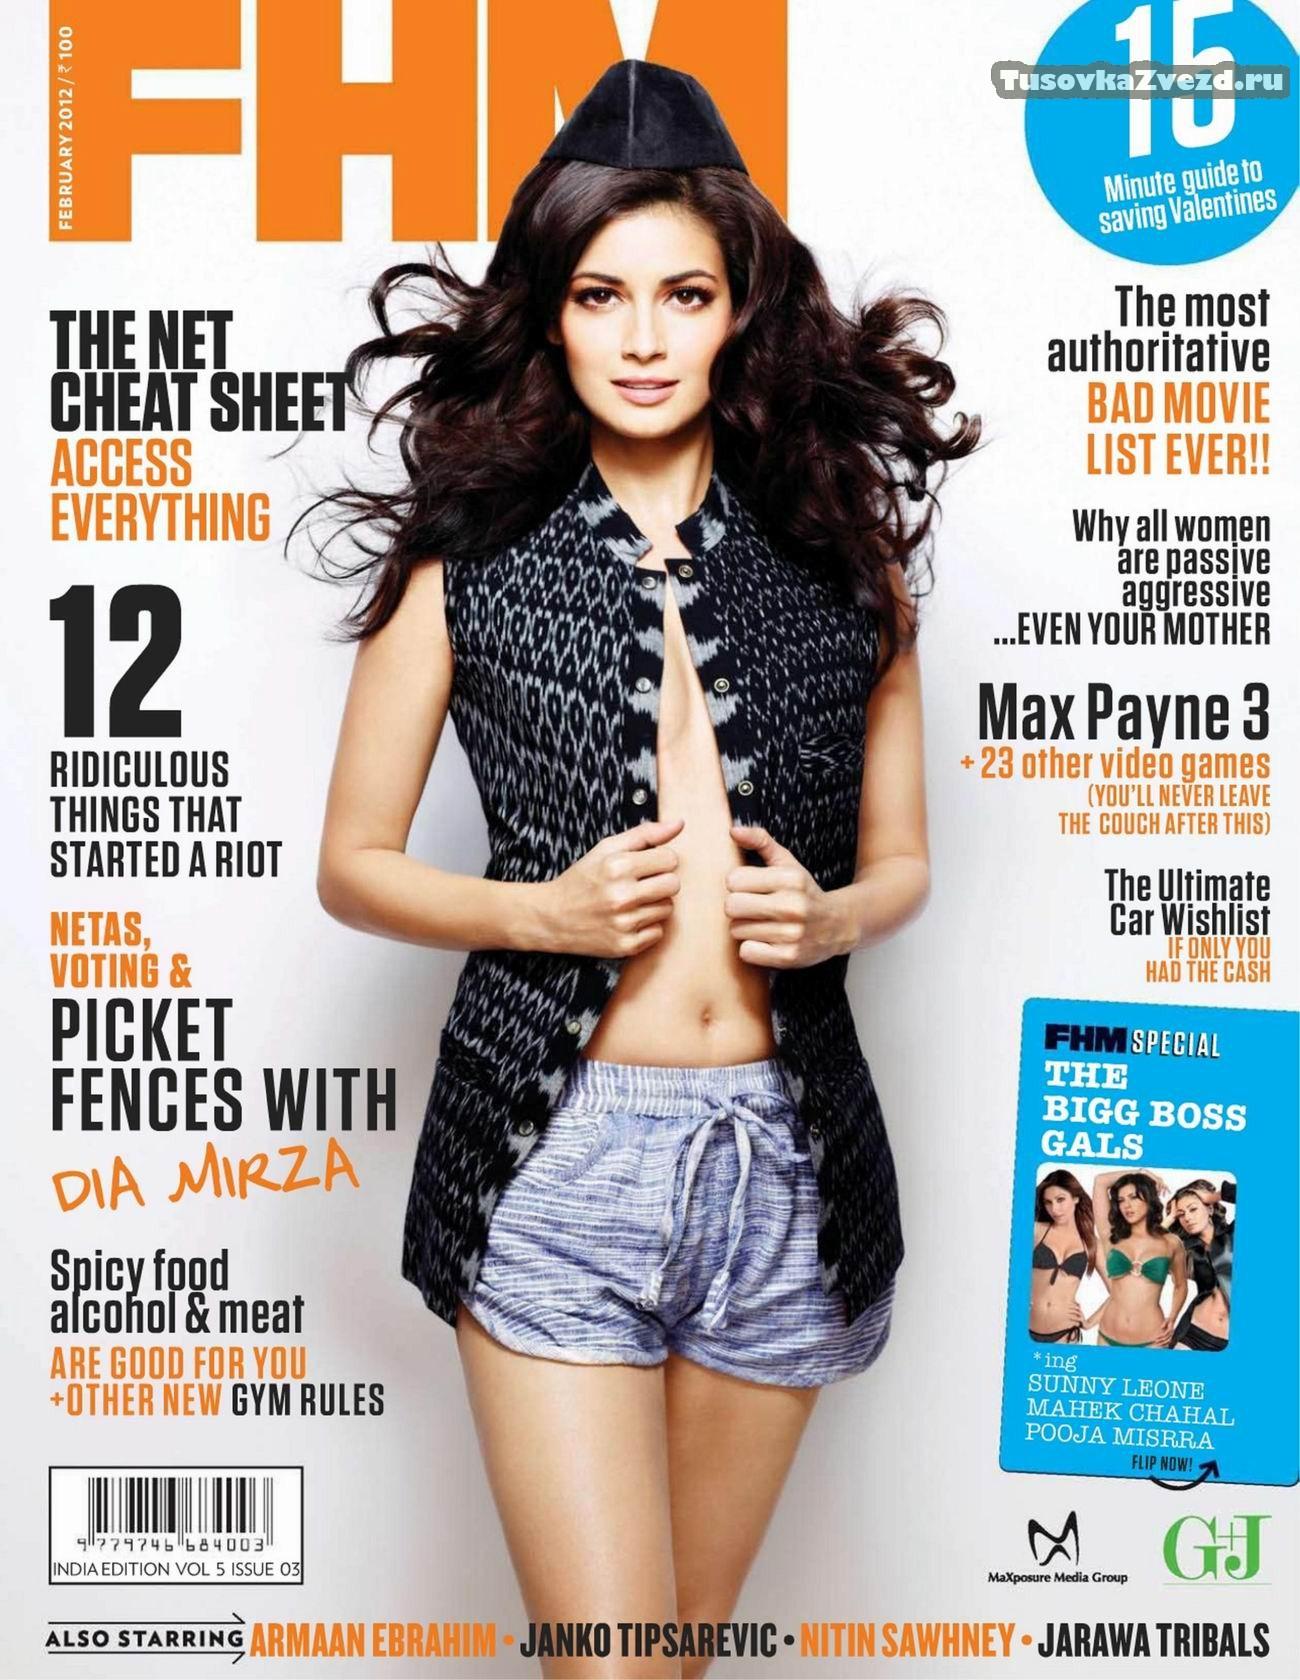 Дия Мирза (Diya Mirza) фото в журнале FHM Индия, февраль 2012